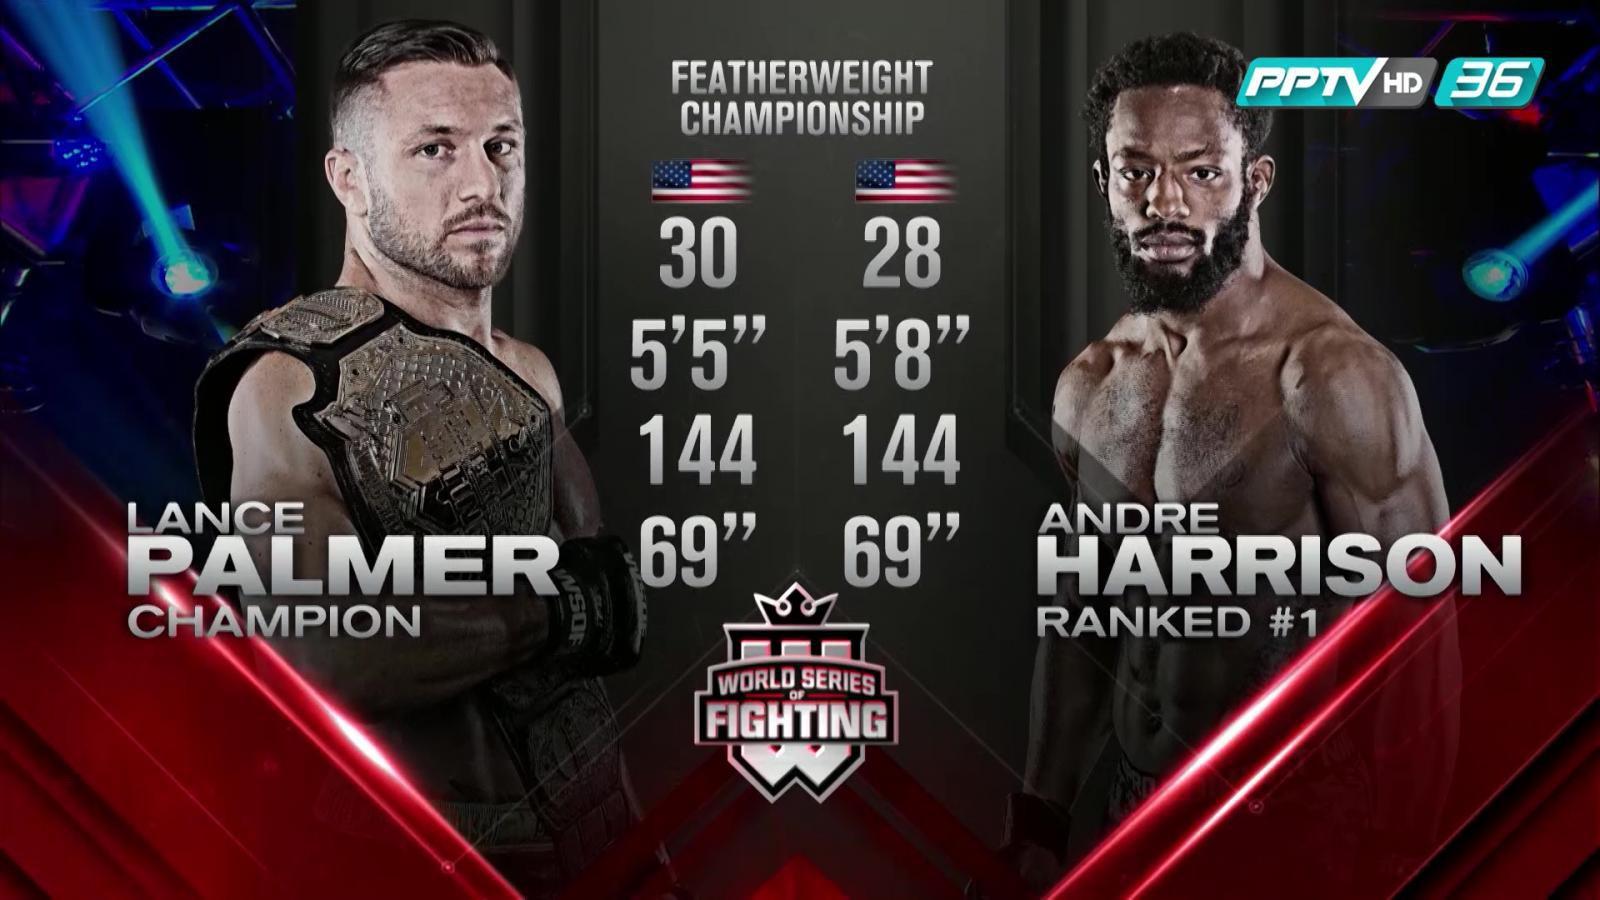 นาทีเดียวเปลี่ยนเกม! แฮร์ริสัน ชิงโอกาสยกท้ายซ้ายรัวหมัดชนะคะแนน พาลเมอร์ ศึก World Series of Fighting สหรัฐอเมริกา - PPTV FIGHT CLUB